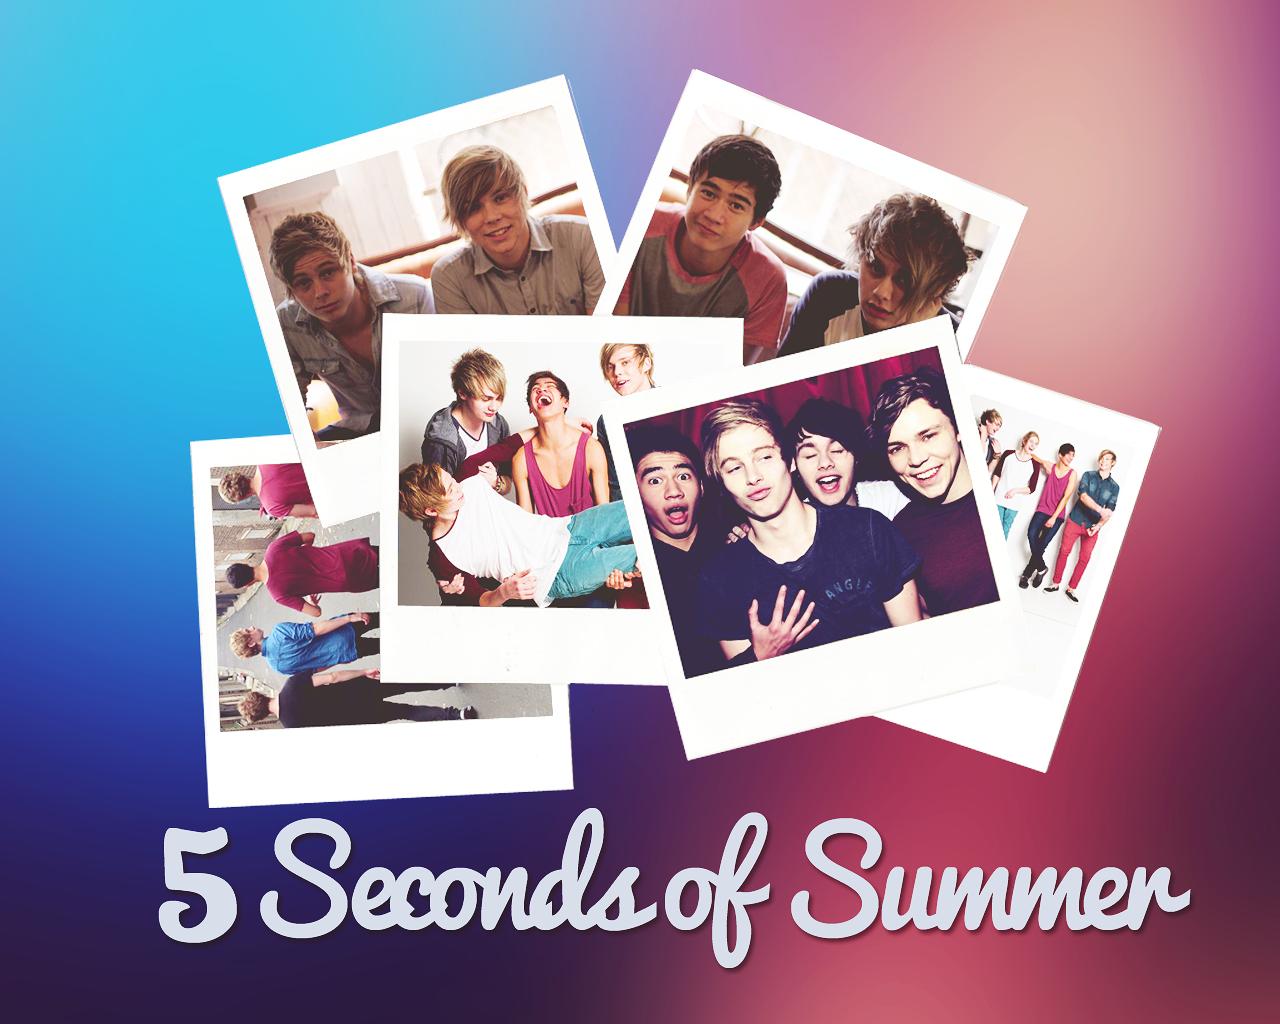 Wallpaper - 5 Seconds of Summer Wallpaper (35316690) - Fanpop